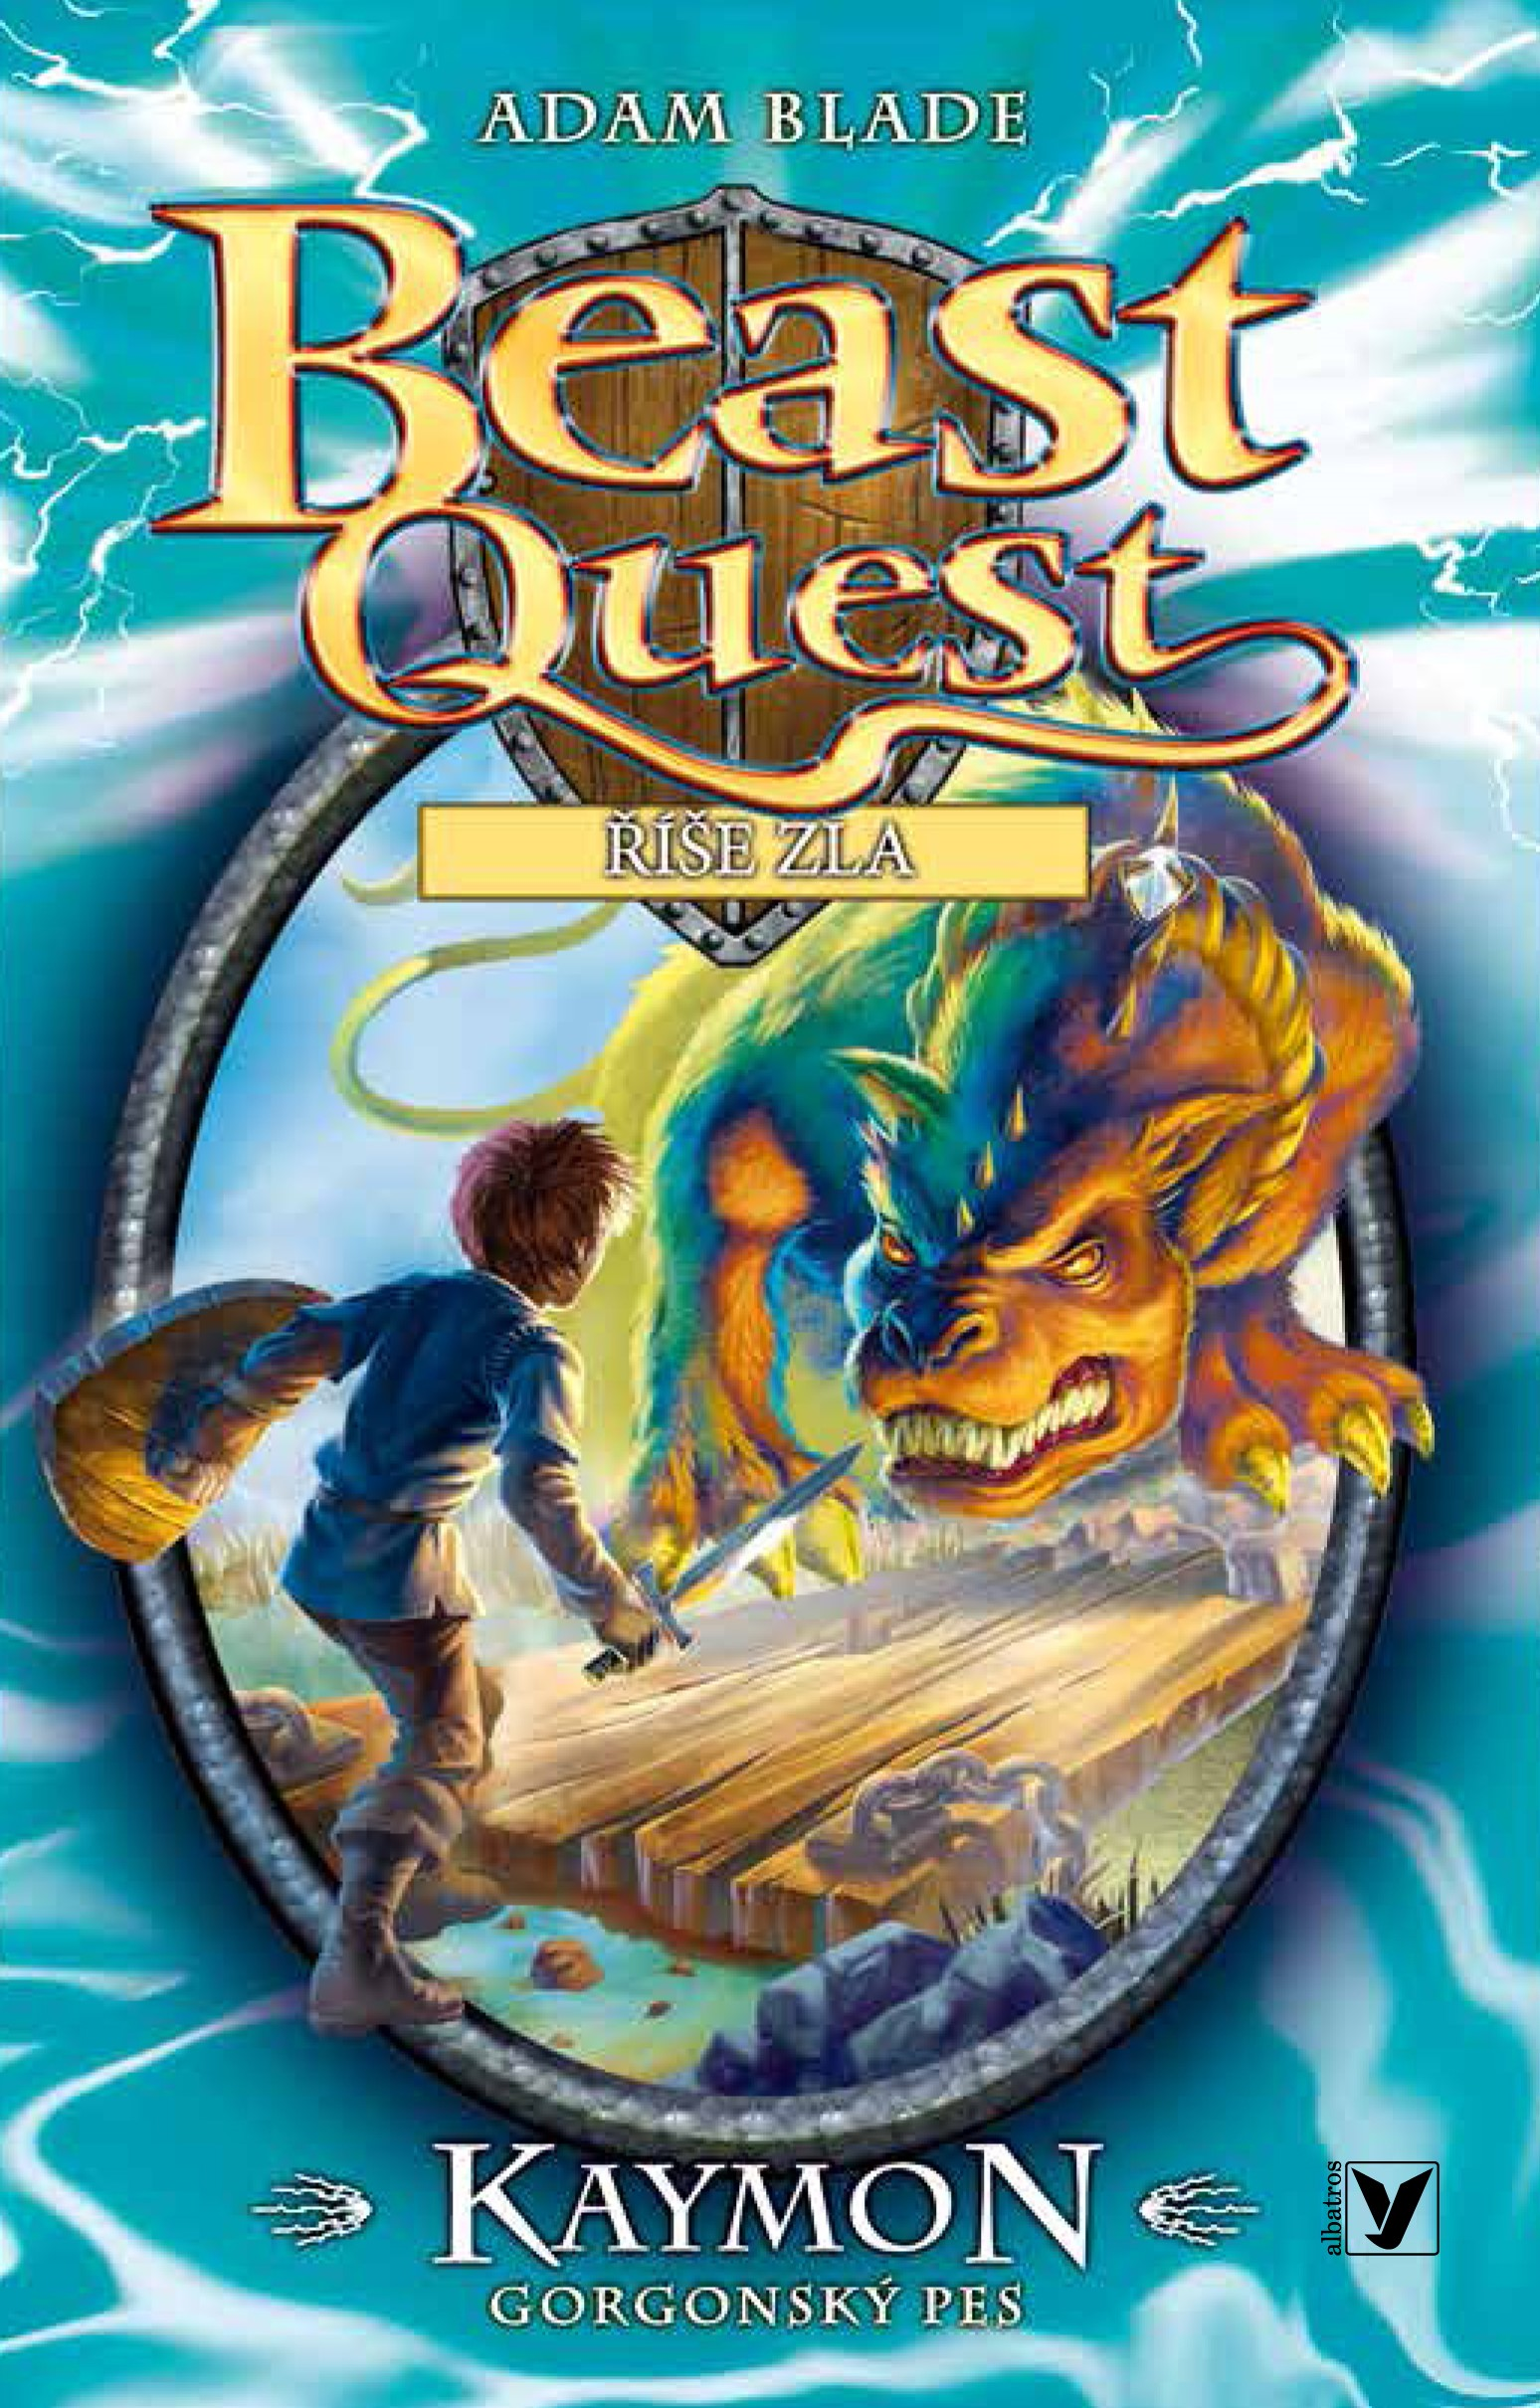 Kaymon, gorgonský pes - Beast Quest (16)